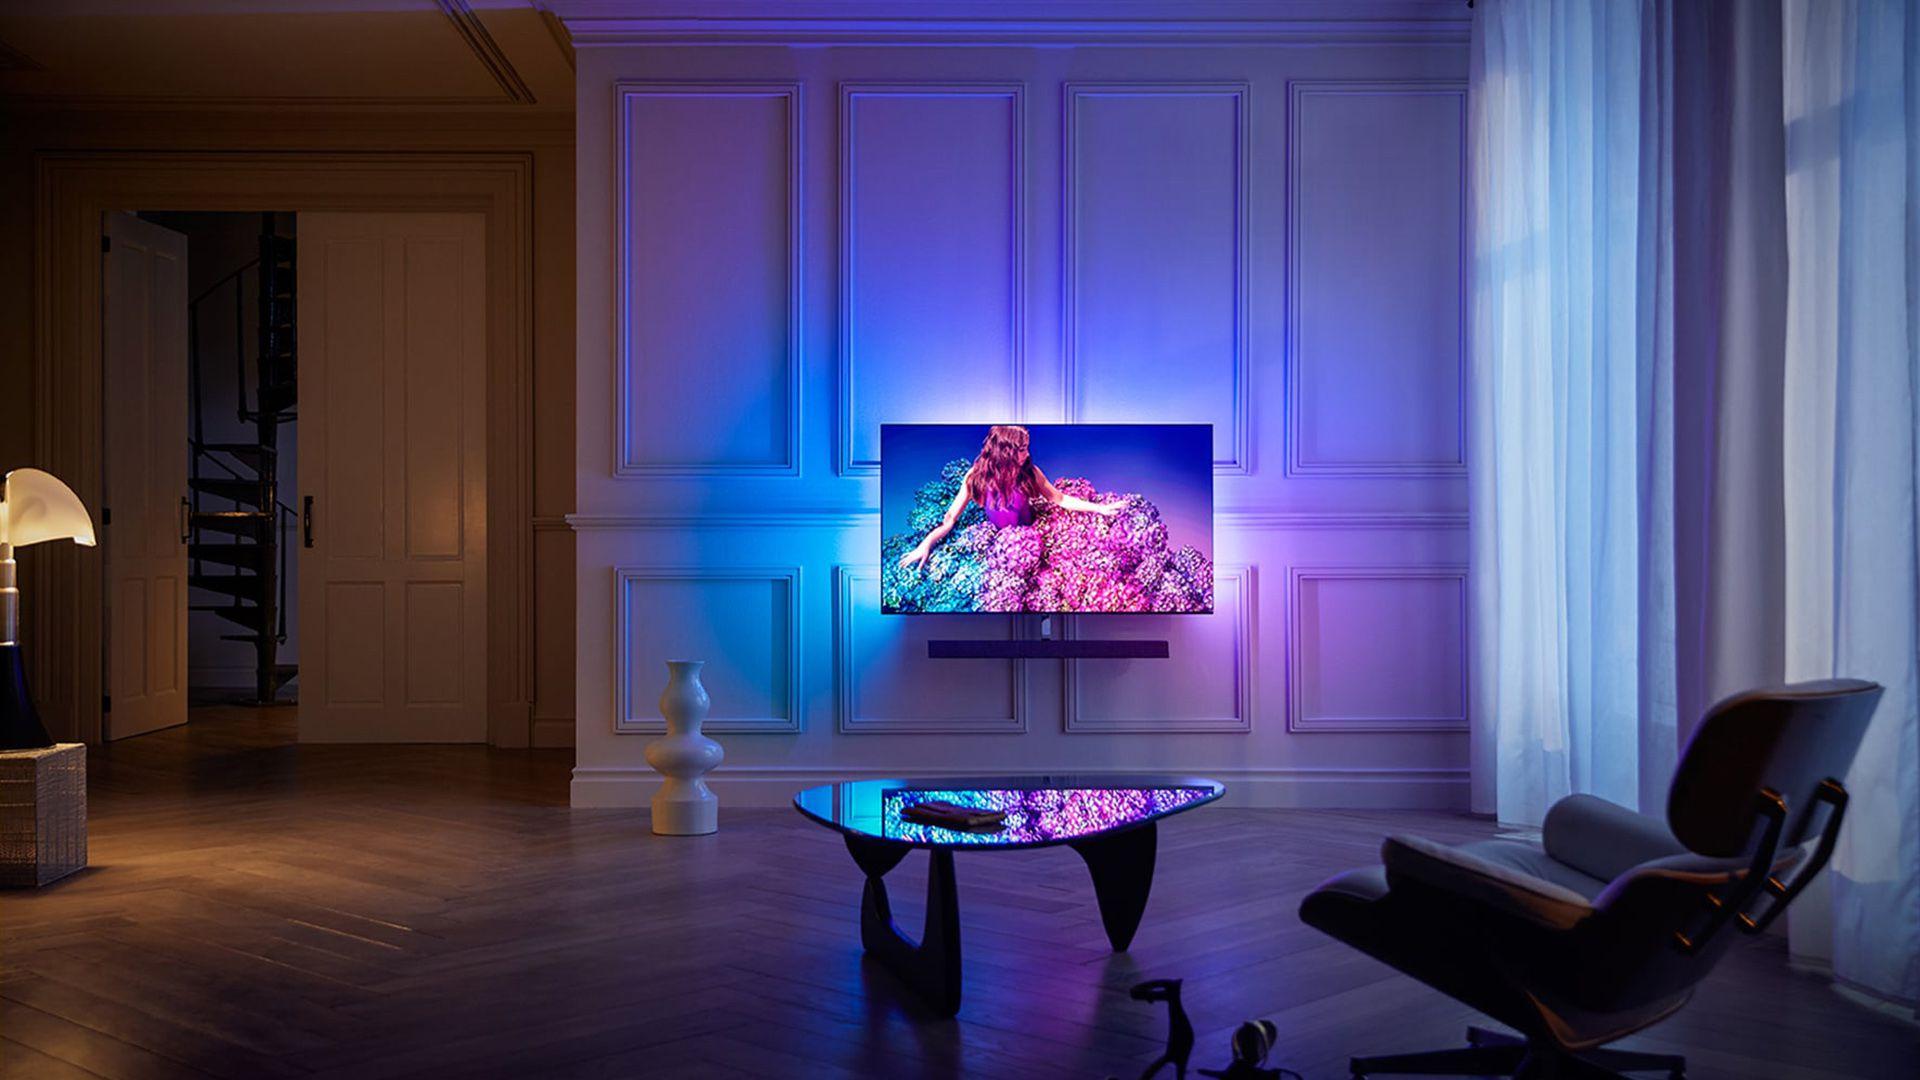 Los ataques también dependen del dispositivo doméstico del que se hable. Por ejemplo, una televisión inteligente puede contraer un virus. (Foto: Archivo)